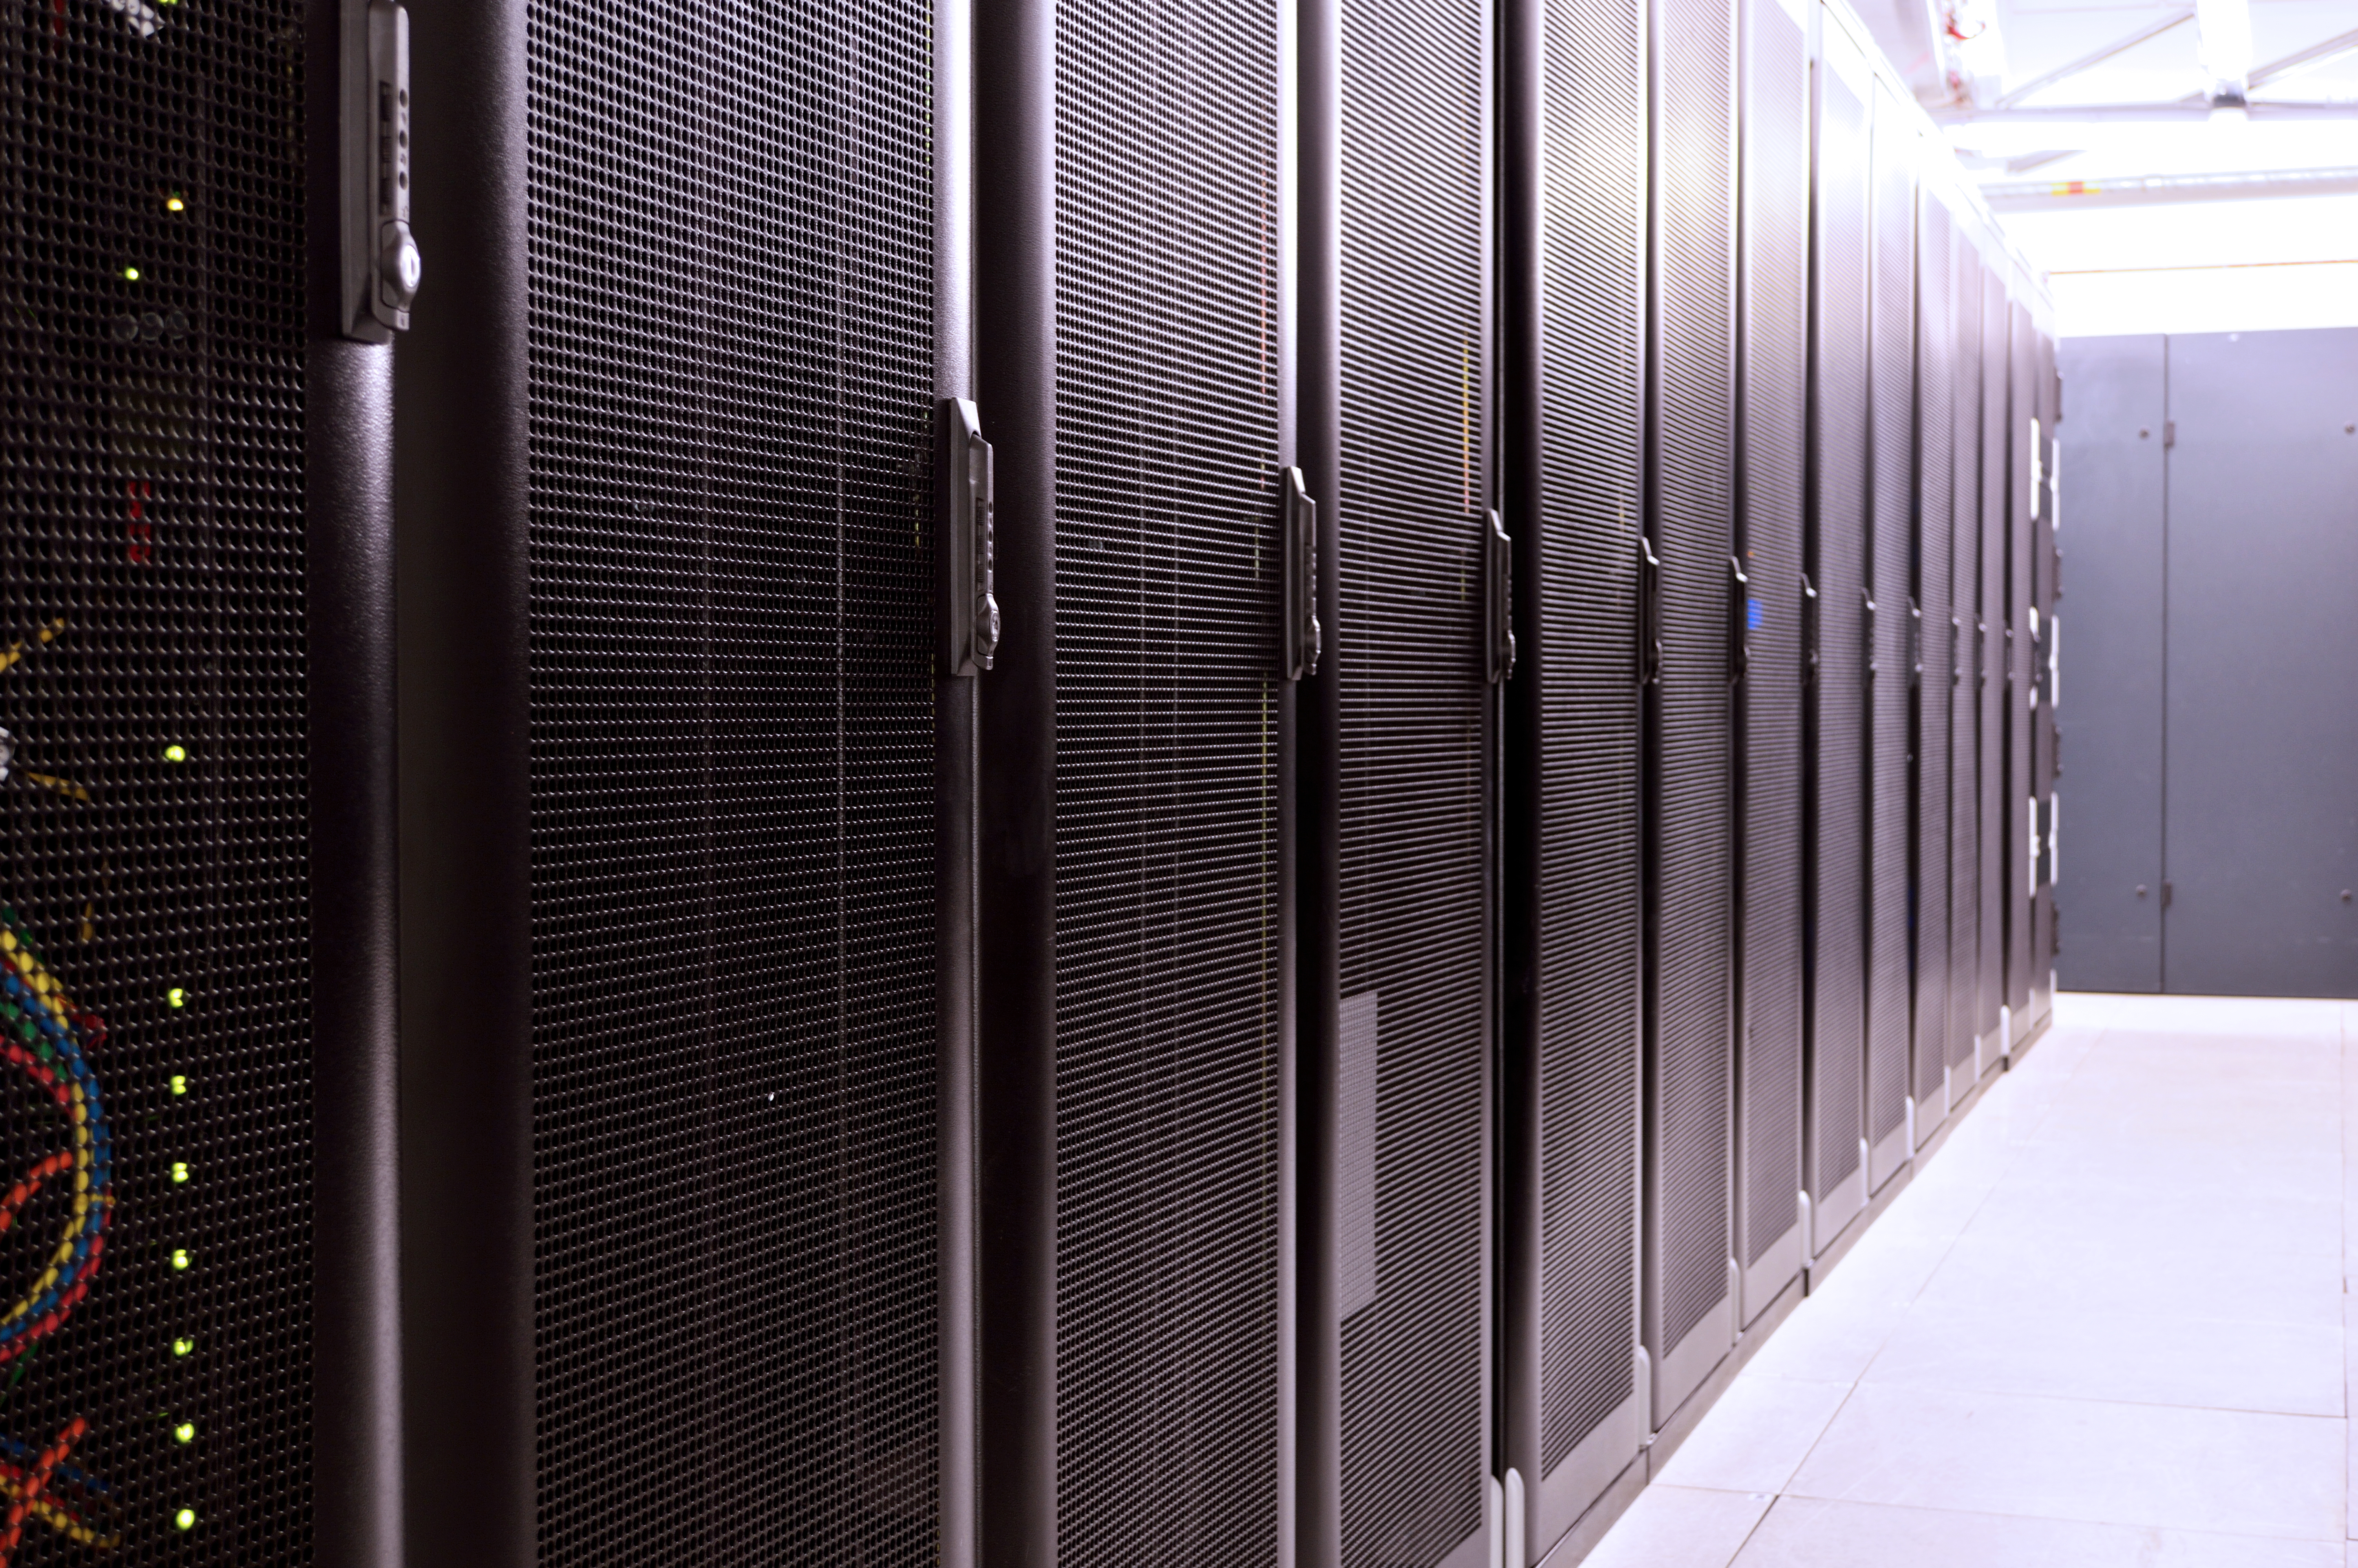 Inside the data centre...